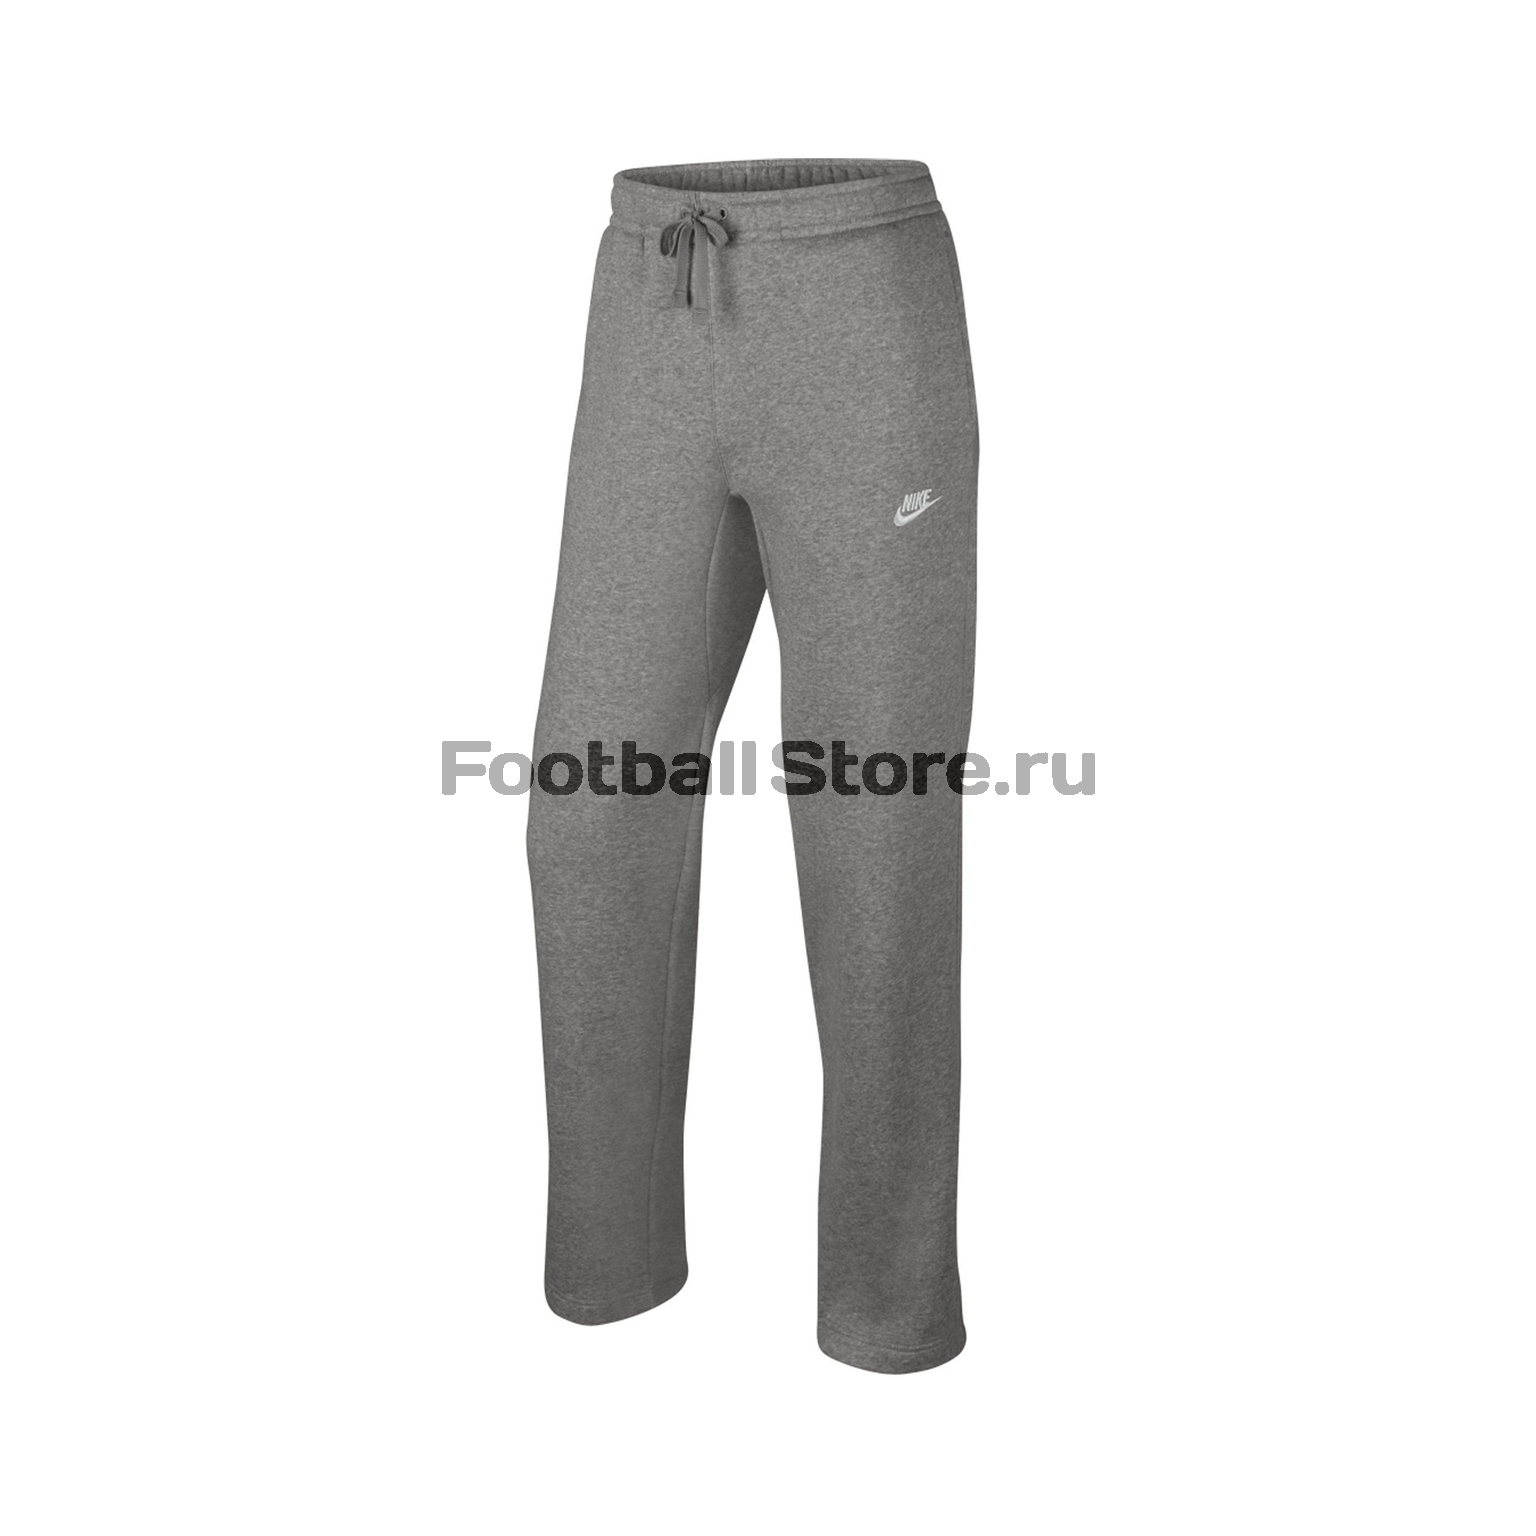 Брюки тренировочные Nike 804395-063